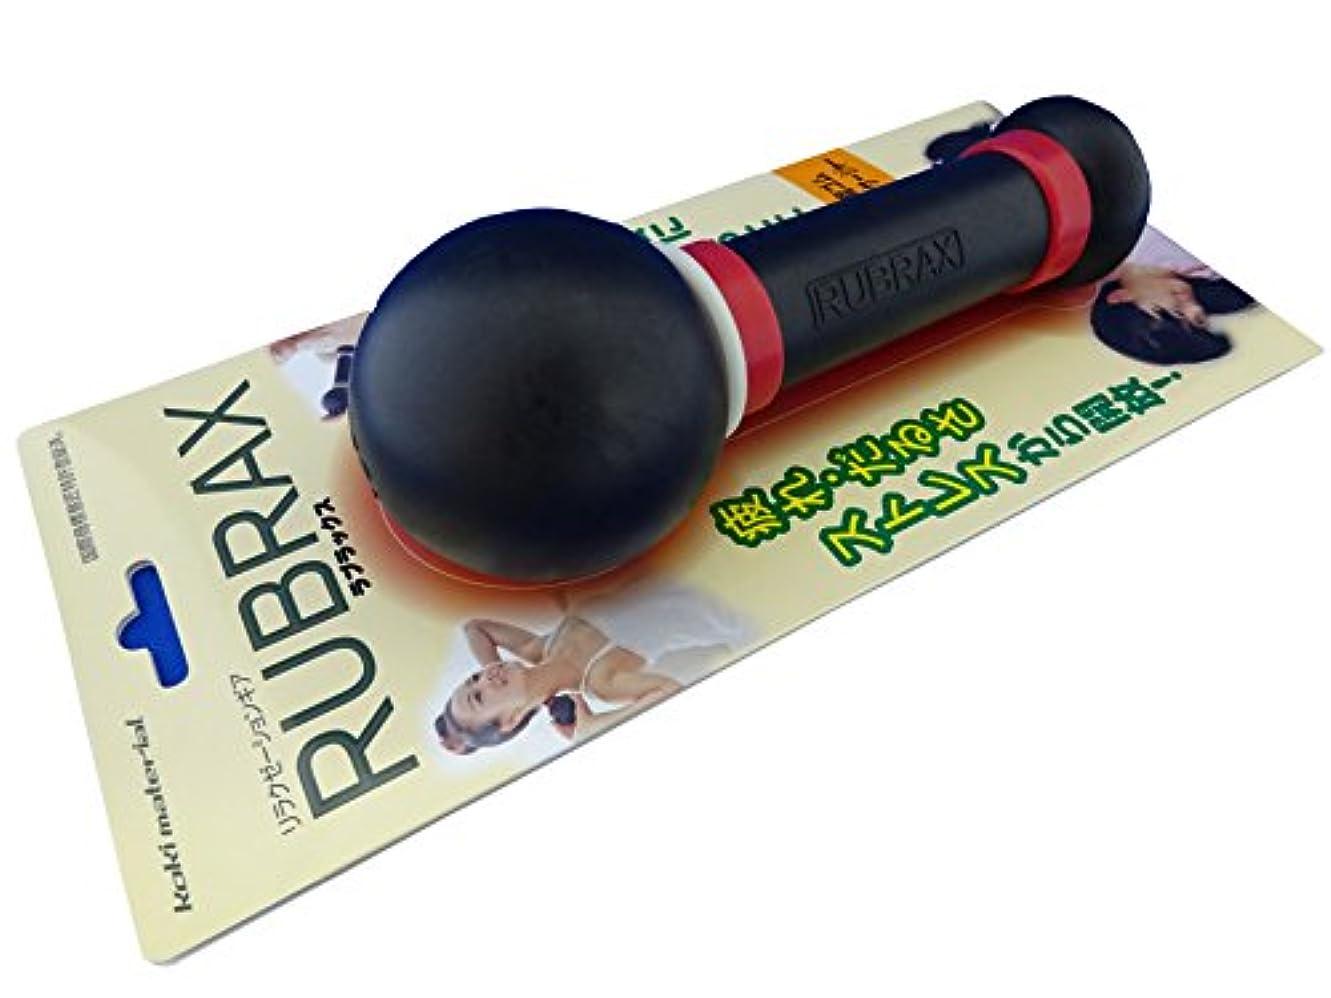 長方形うまくやる()シャンパンコーキマテリアル リラクゼーションギア RUBRAX(ラブラックス)